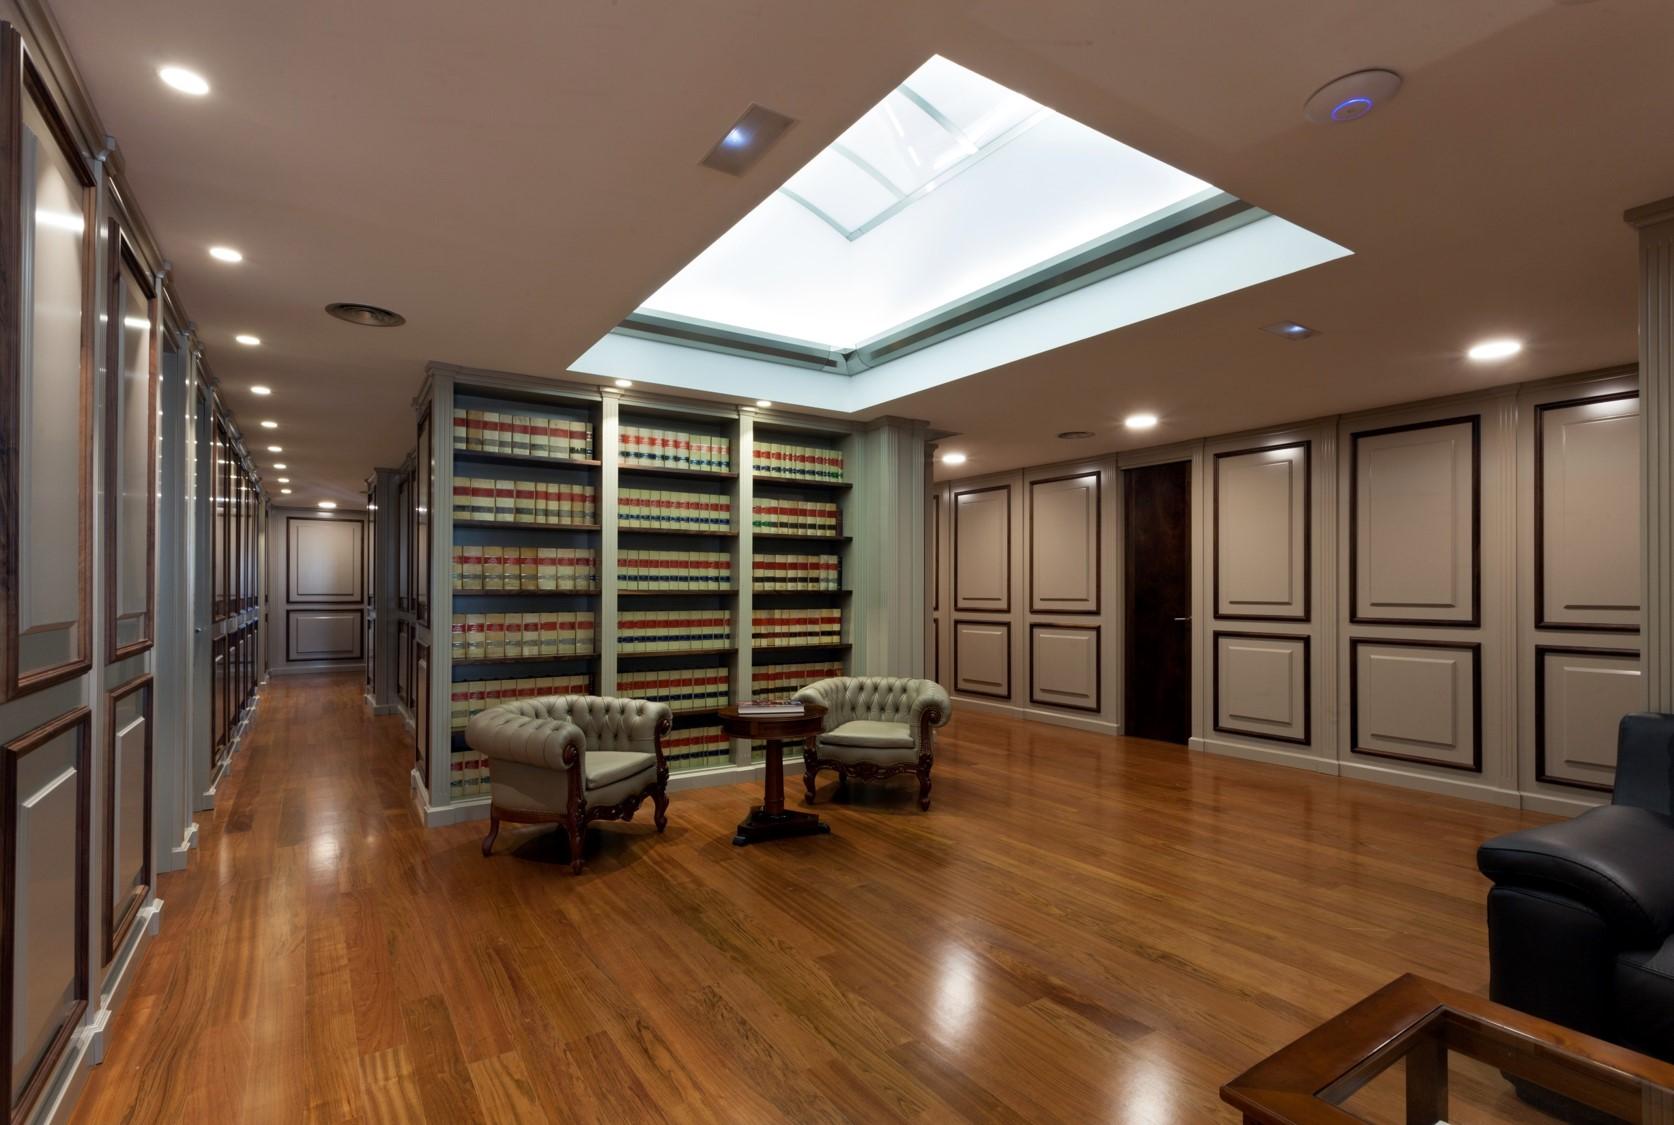 G mez tejedor abogados pauferro mobiliario para tienda for Mobiliario despacho abogados